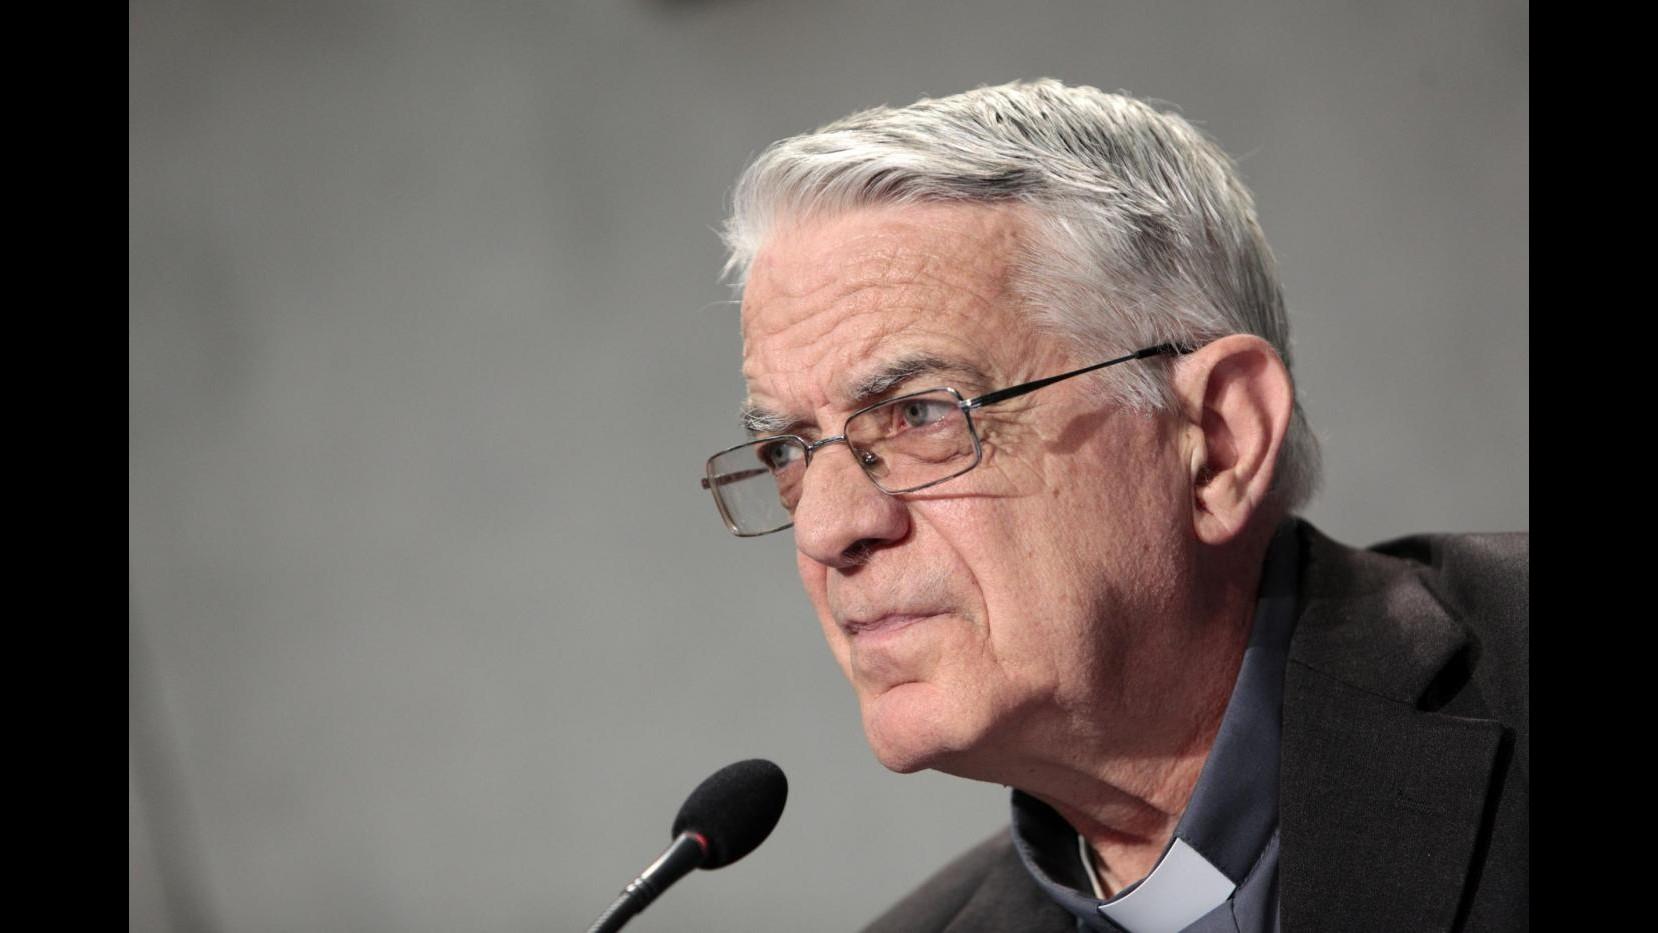 Parigi, padre Lombardi: Non cedere a strategia inumana del terrorismo